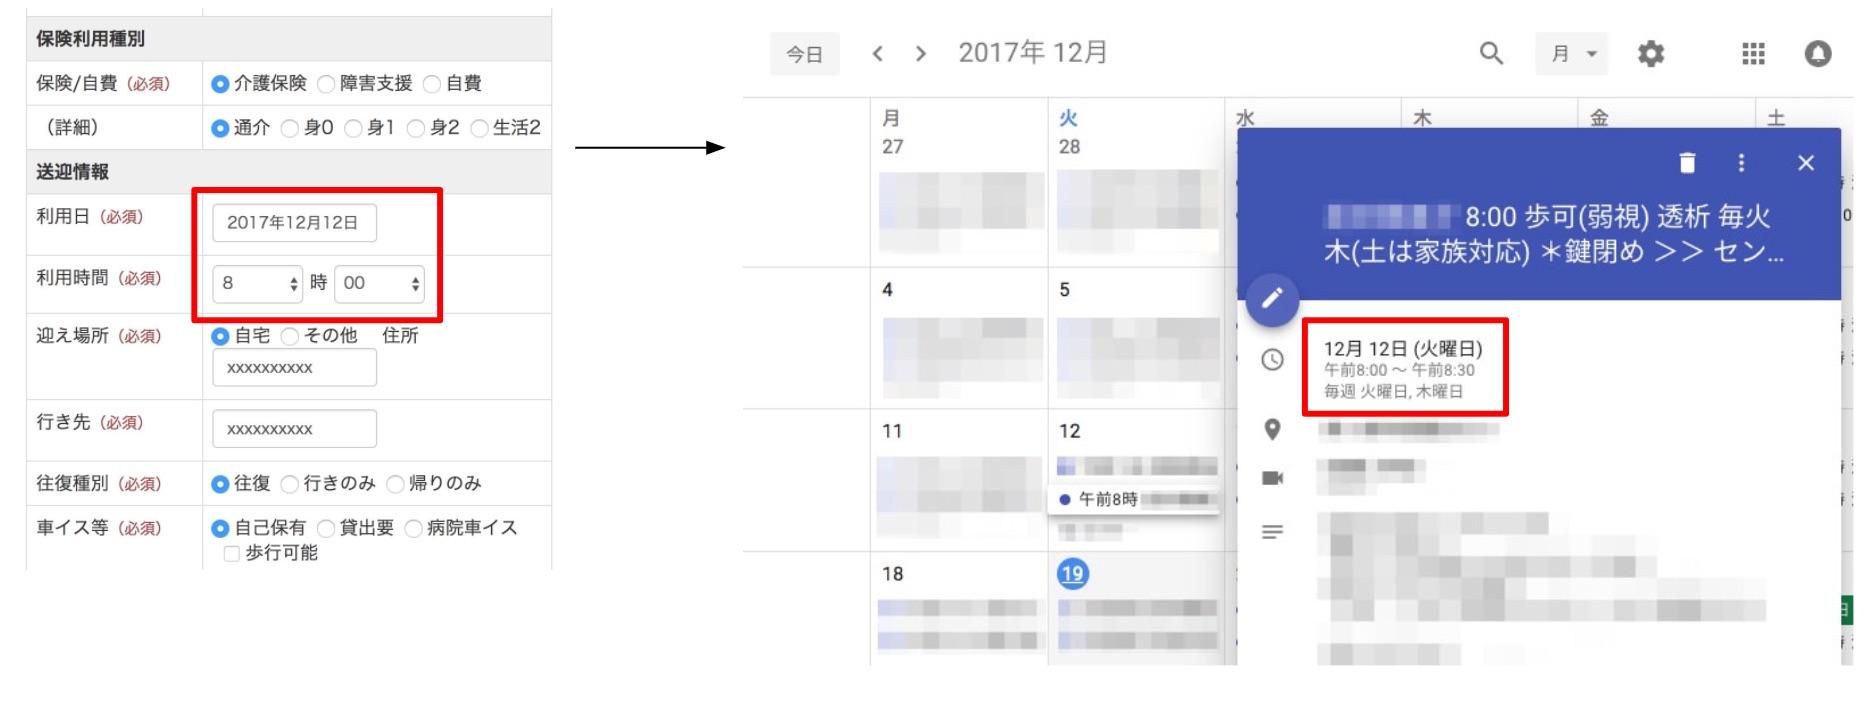 予約フォームとGoogleカレンダー連携